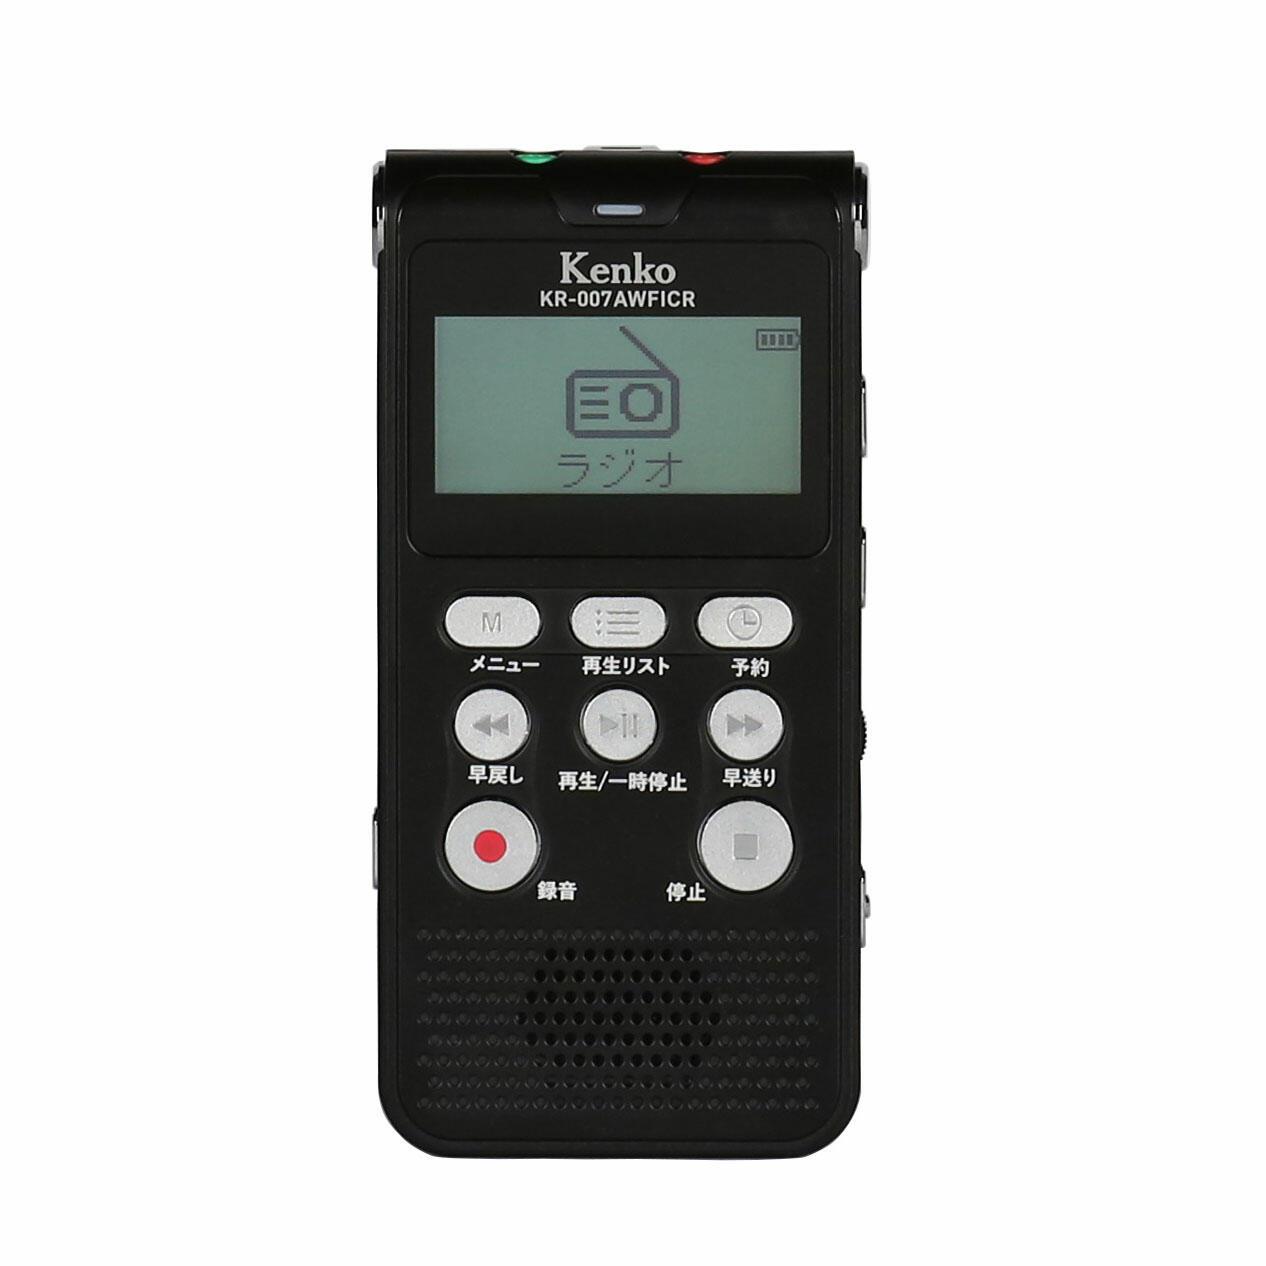 レコーダー パソコン ボイス